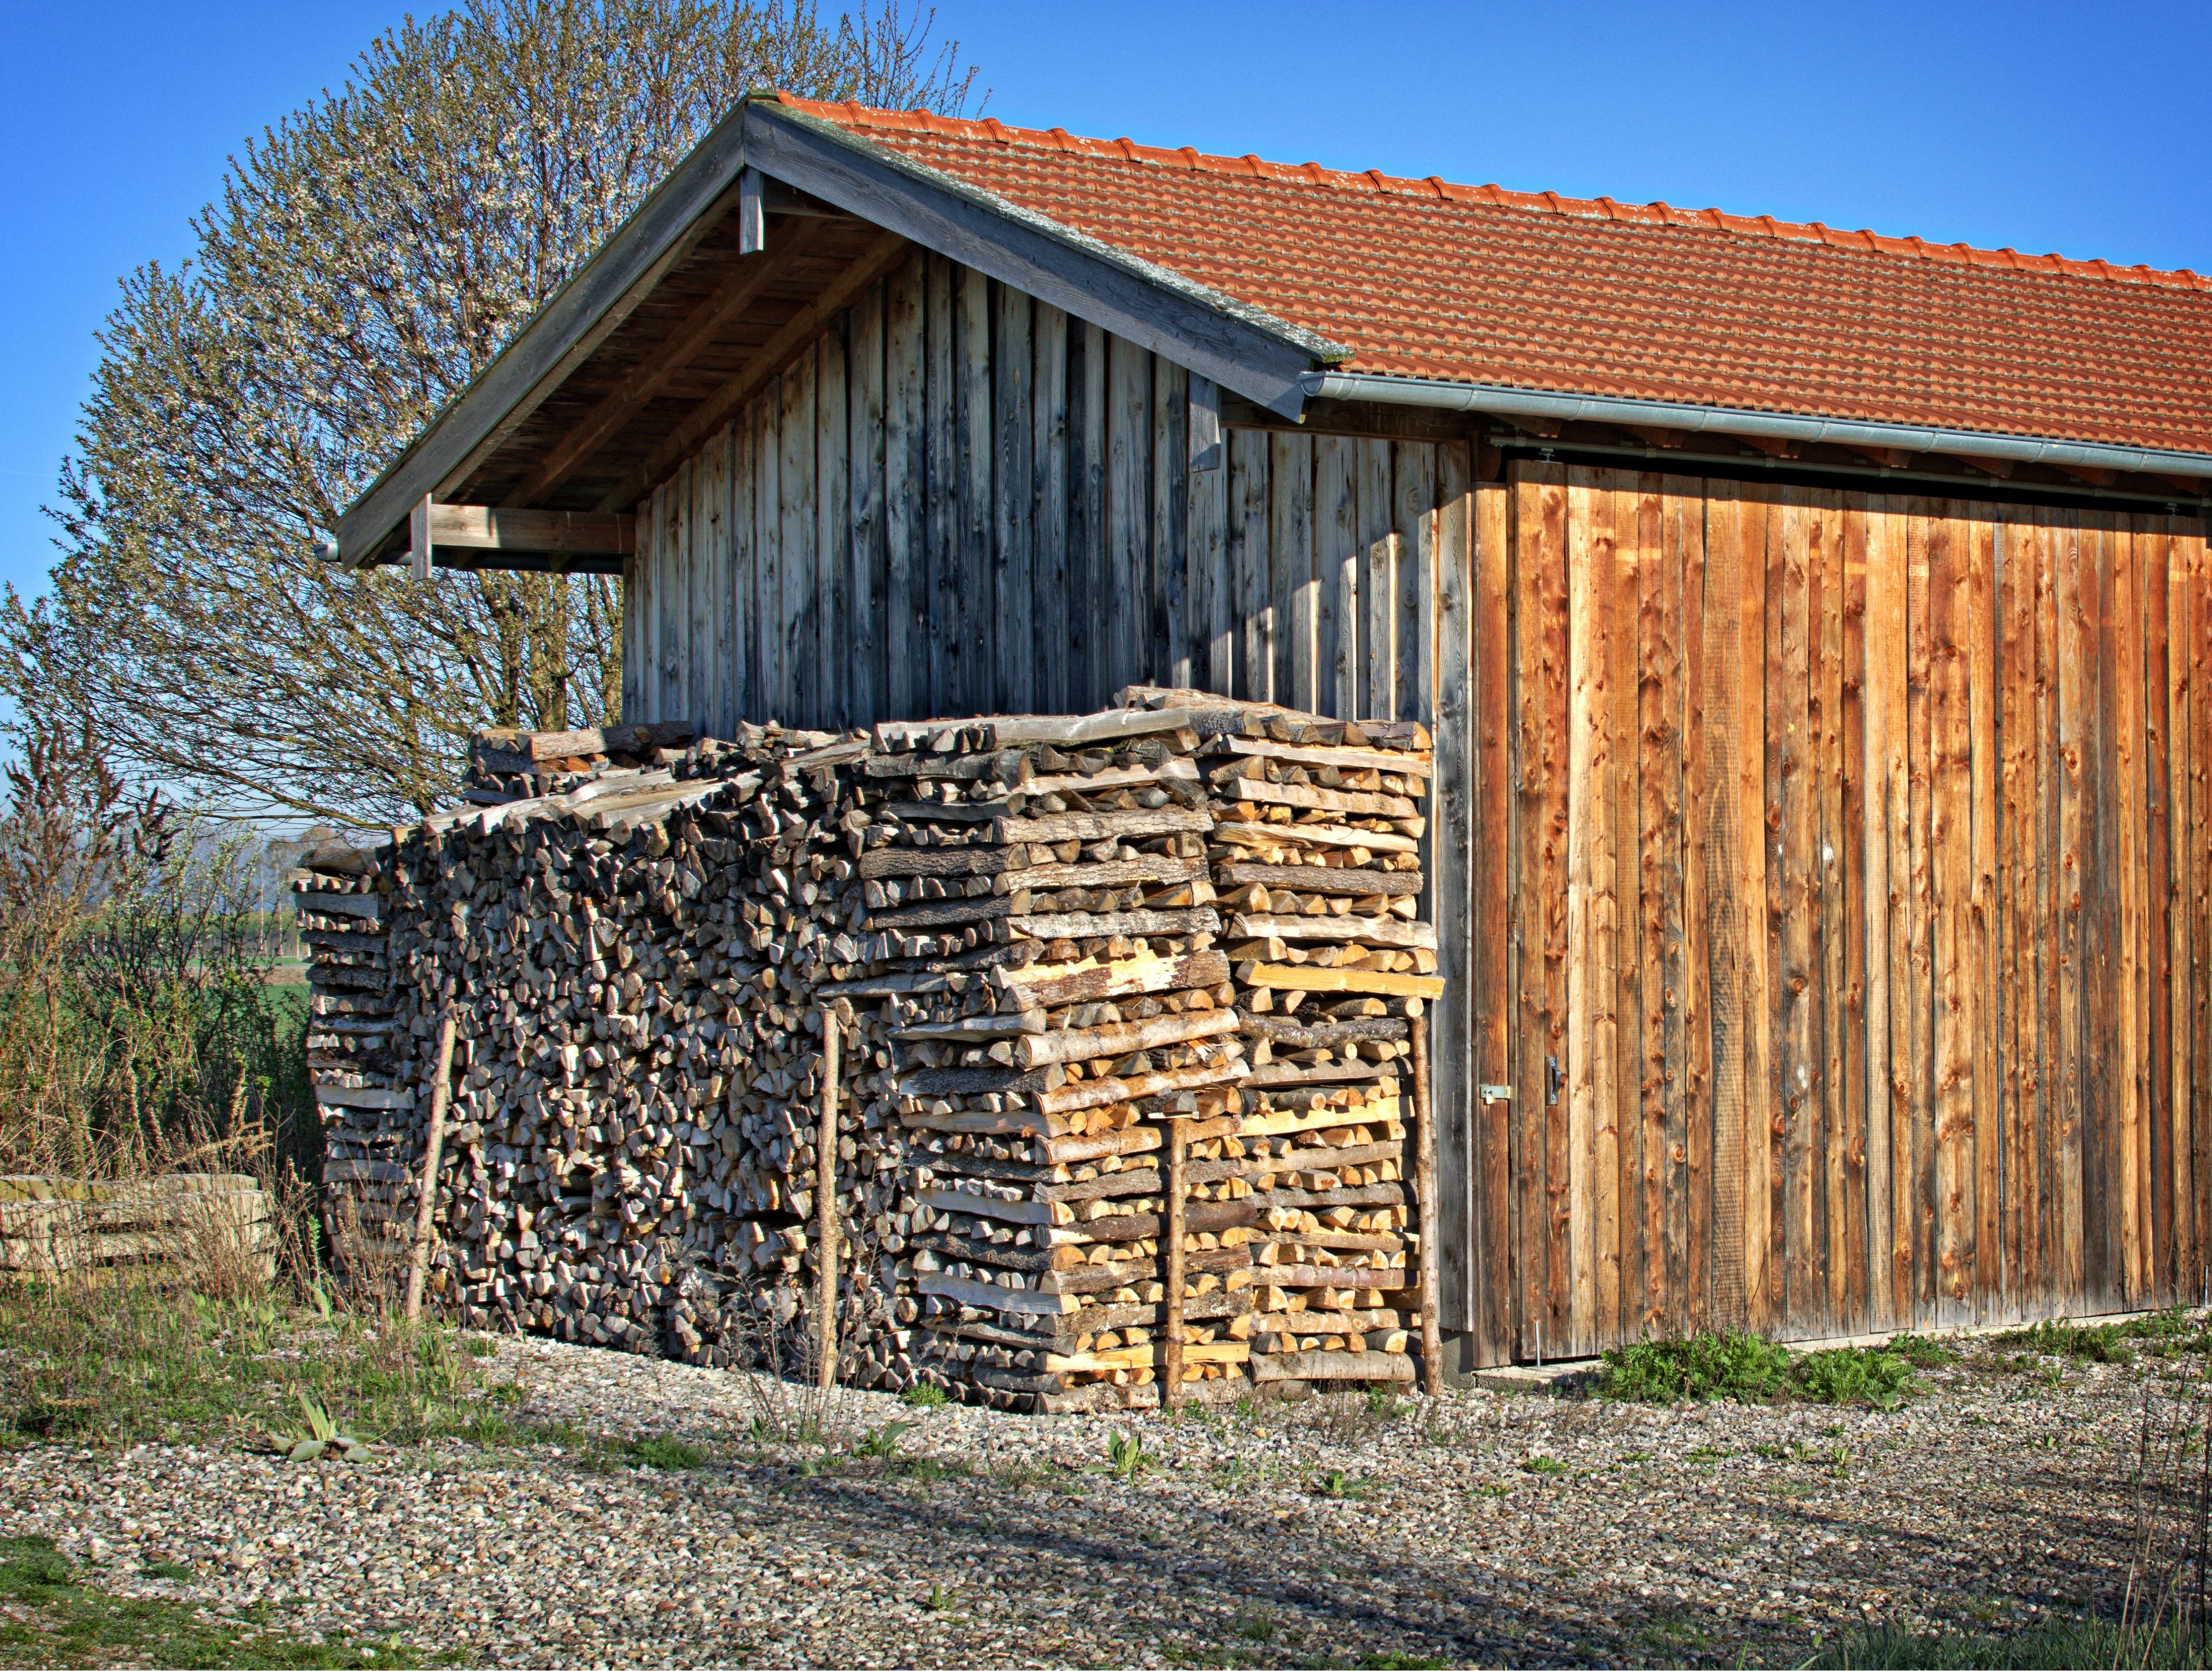 Kjempebra Bildet : natur, gjerde, tre, hus, bygning, låve, hjem, skur, hytte WK-07